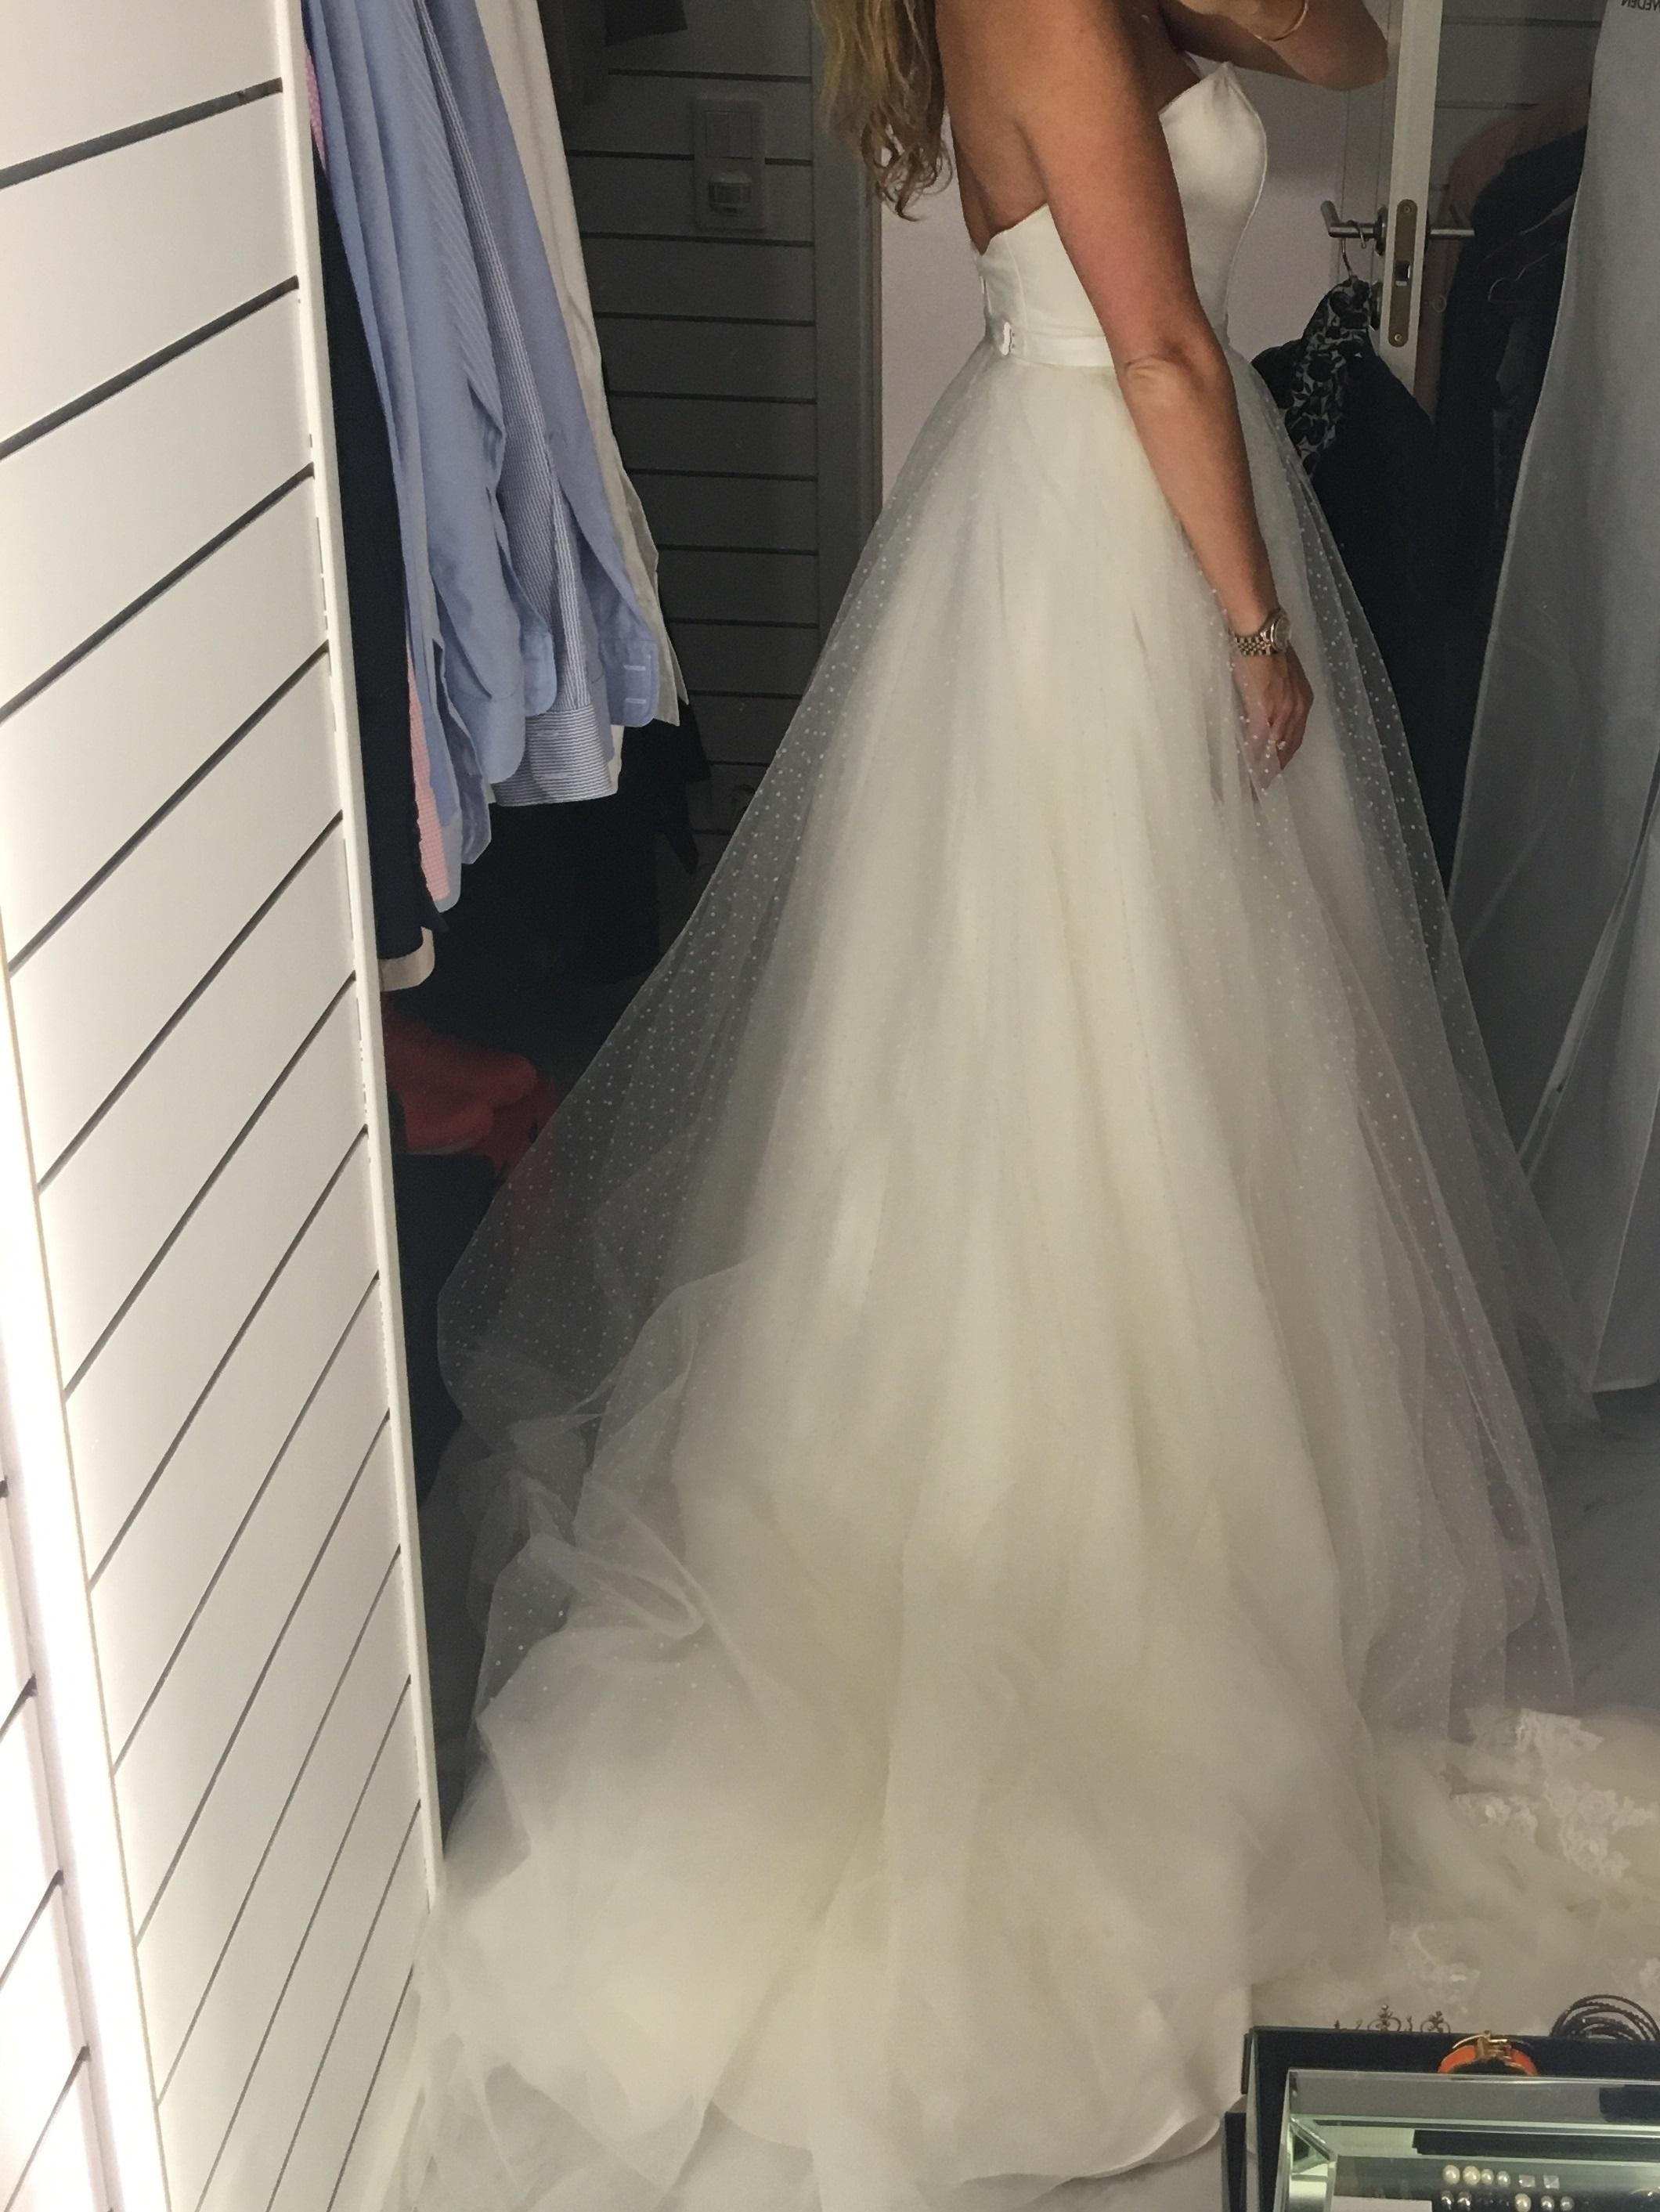 3acf41f8bfa4 Unik brudklänning från Garamaj- HALVA PRISET, Köp & Sälj - BröllopsGuiden